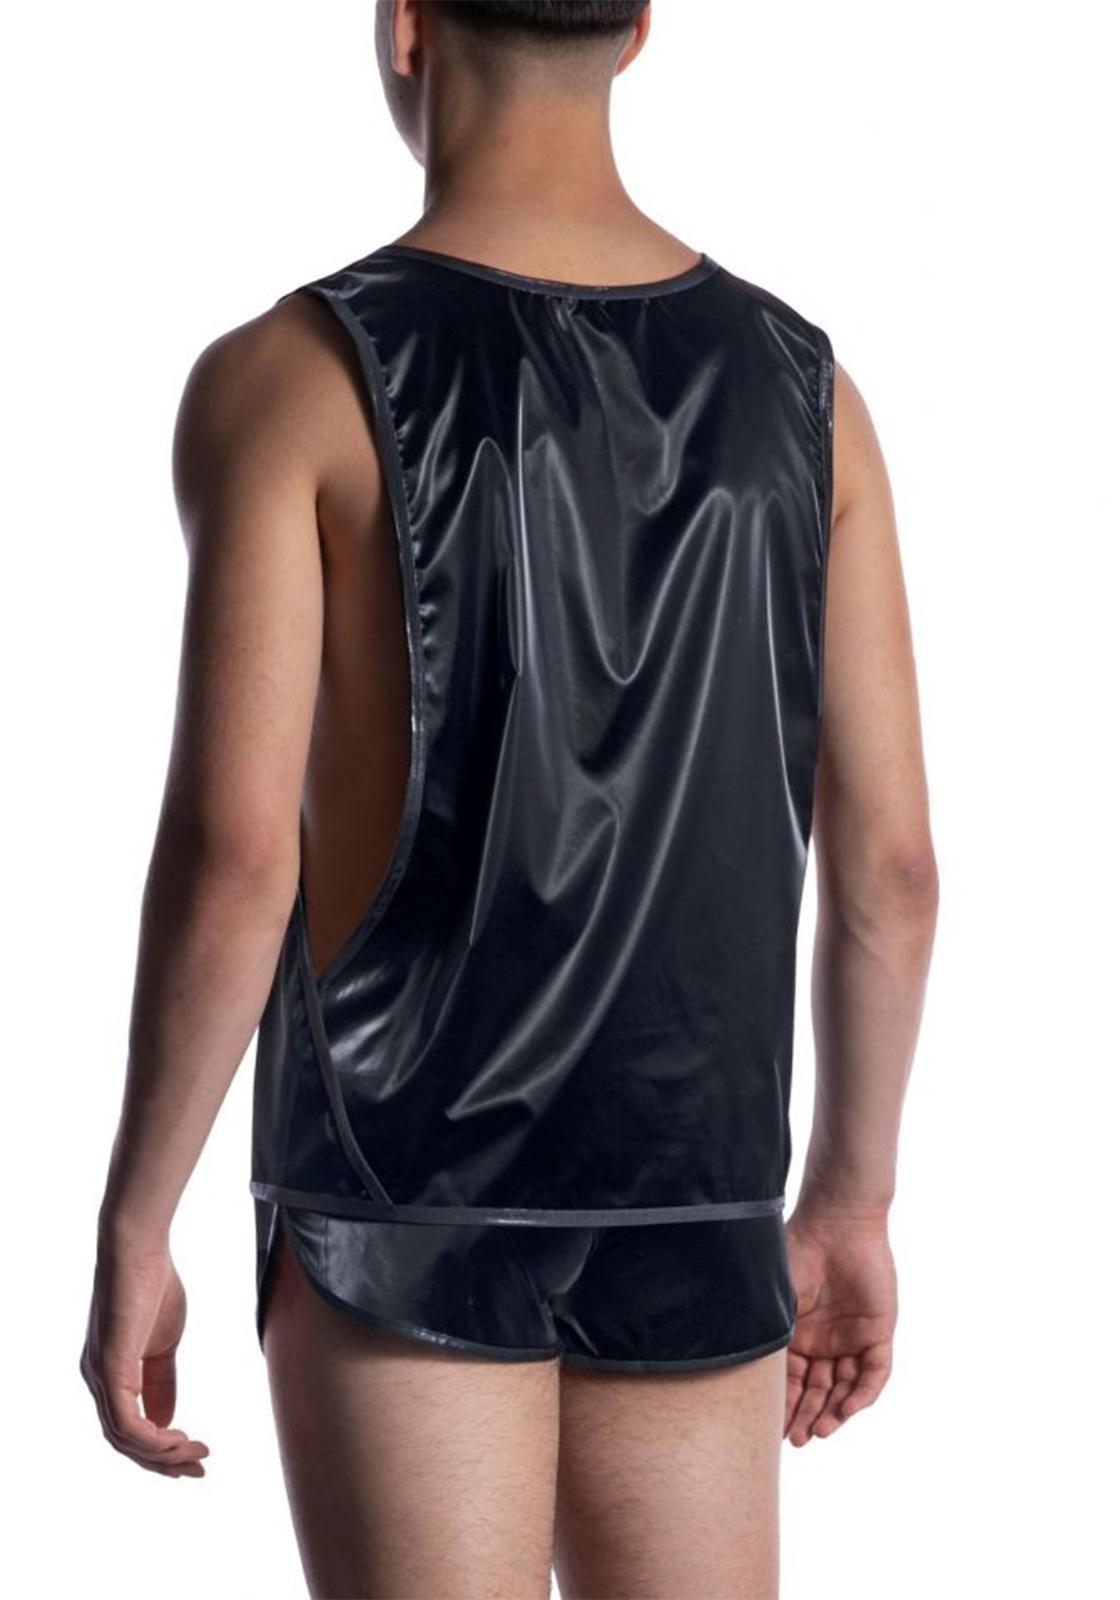 Manstore Freak Shirt | Black